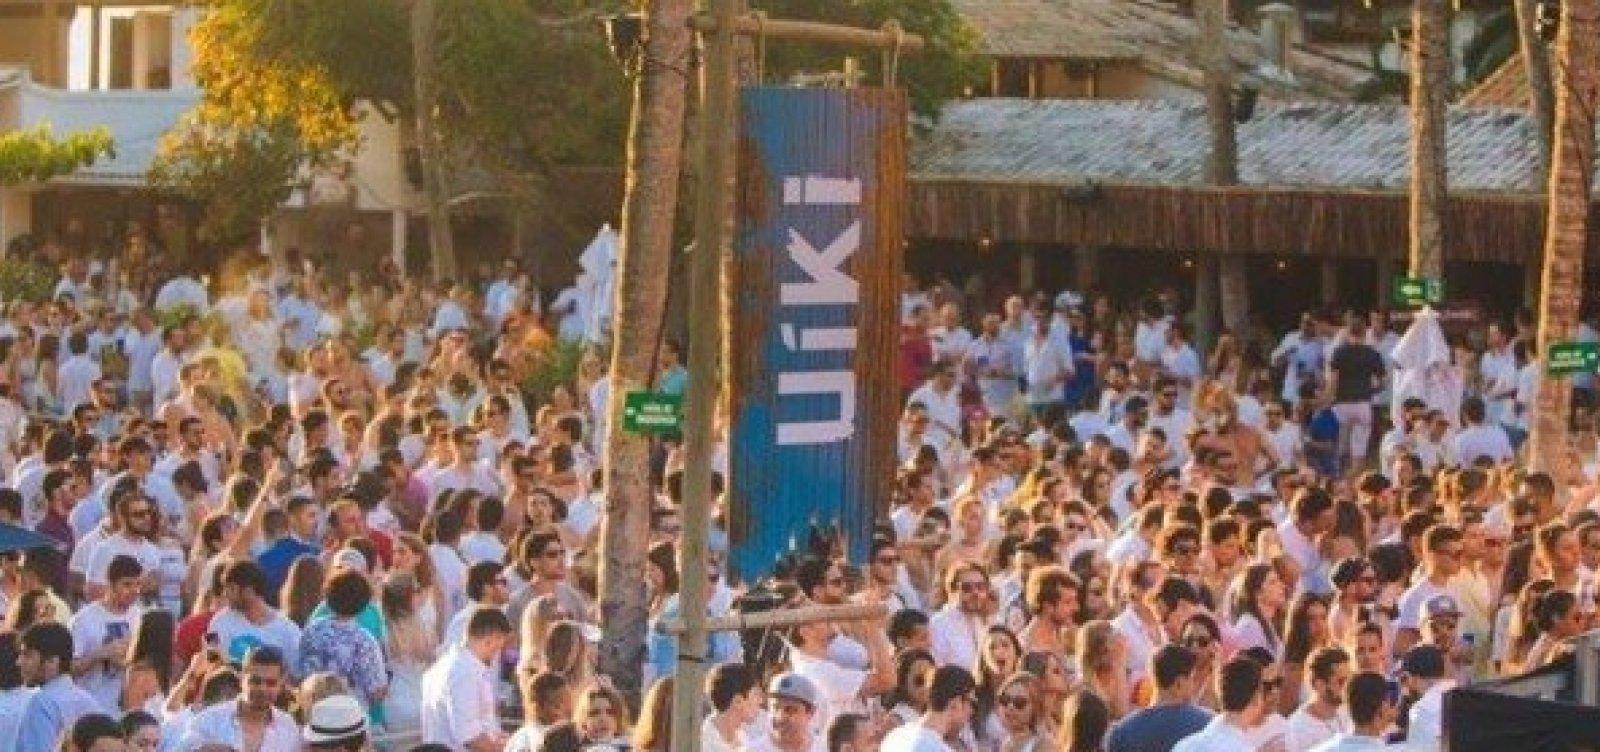 [Após fala do governador, festas de réveillon anunciam cancelamento na Bahia]